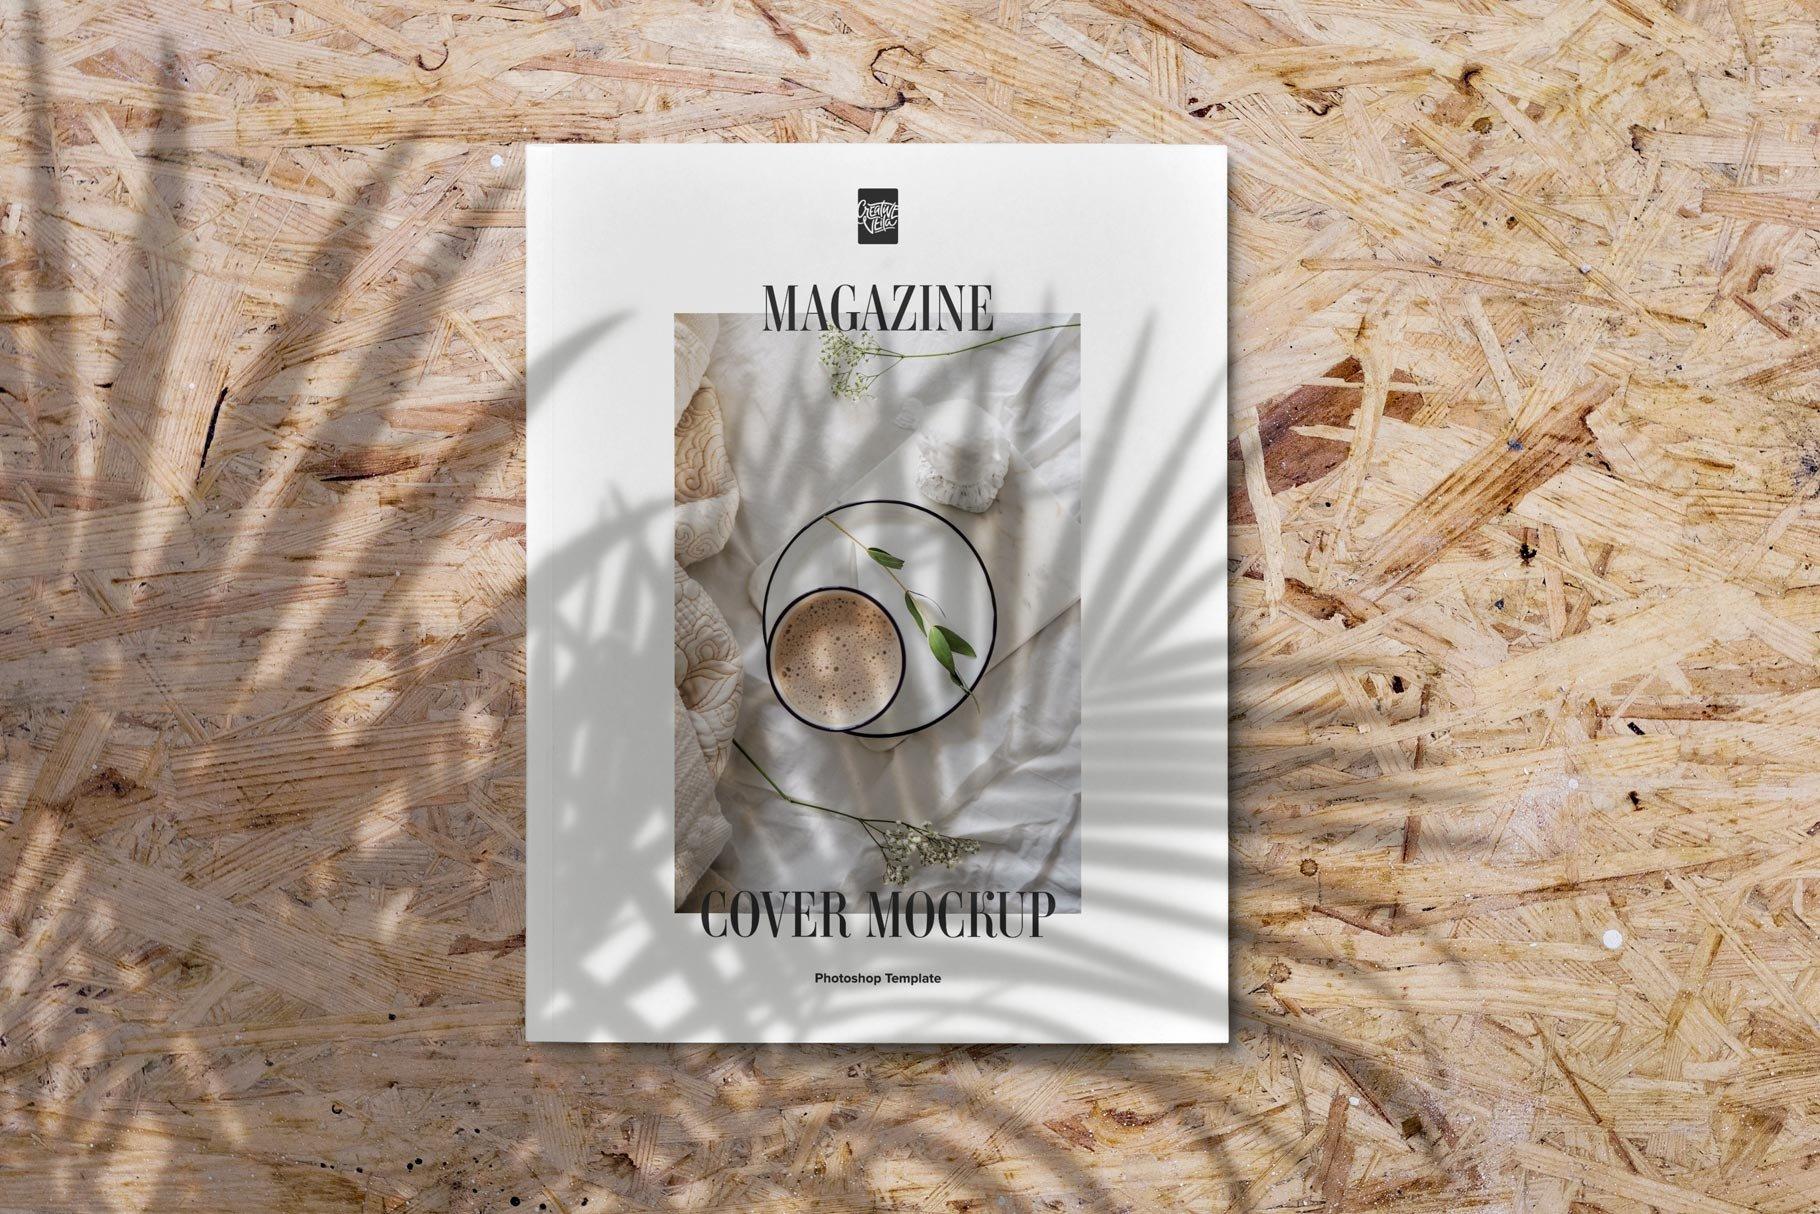 精美杂志画册设计展示样机模板 Magazine Cover Mockup Set插图(3)